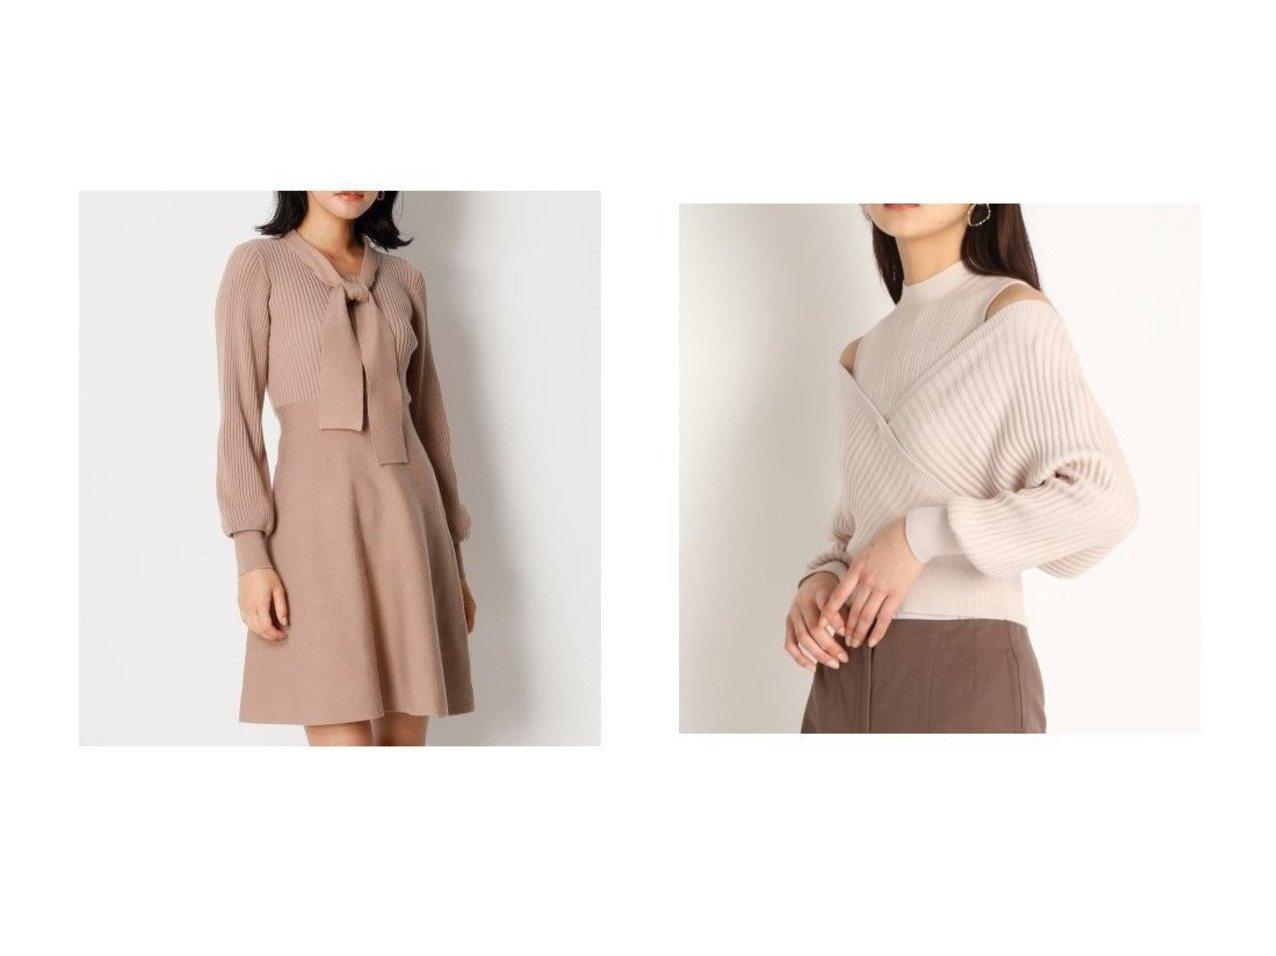 【Lily Brown/リリーブラウン】のレイヤードオフショルニット&ボウタイニットワンピース Lily Brownのおすすめ!人気、トレンド・レディースファッションの通販 おすすめで人気の流行・トレンド、ファッションの通販商品 メンズファッション・キッズファッション・インテリア・家具・レディースファッション・服の通販 founy(ファニー) https://founy.com/ ファッション Fashion レディースファッション WOMEN ワンピース Dress ニットワンピース Knit Dresses トップス Tops Tshirt ニット Knit Tops クラシカル クラシック スマート フレア フロント クール コンパクト セーター ドッキング ノースリーブ 人気 春 Spring  ID:crp329100000019635